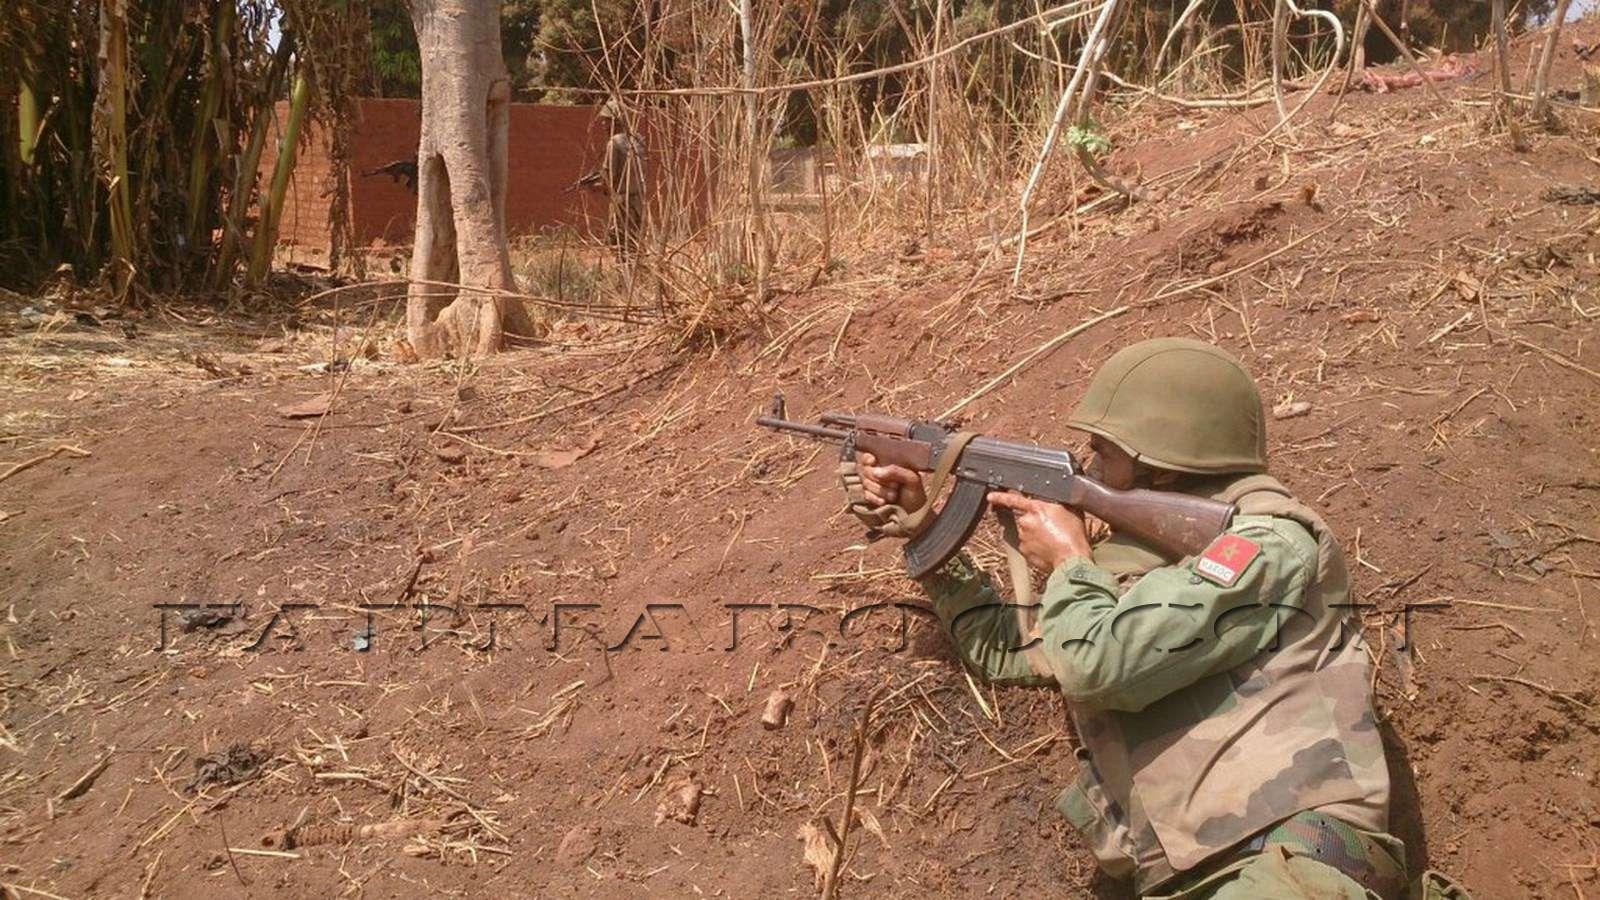 Maintien de la paix dans le monde - Les FAR en République Centrafricaine - RCA (MINUSCA) 410